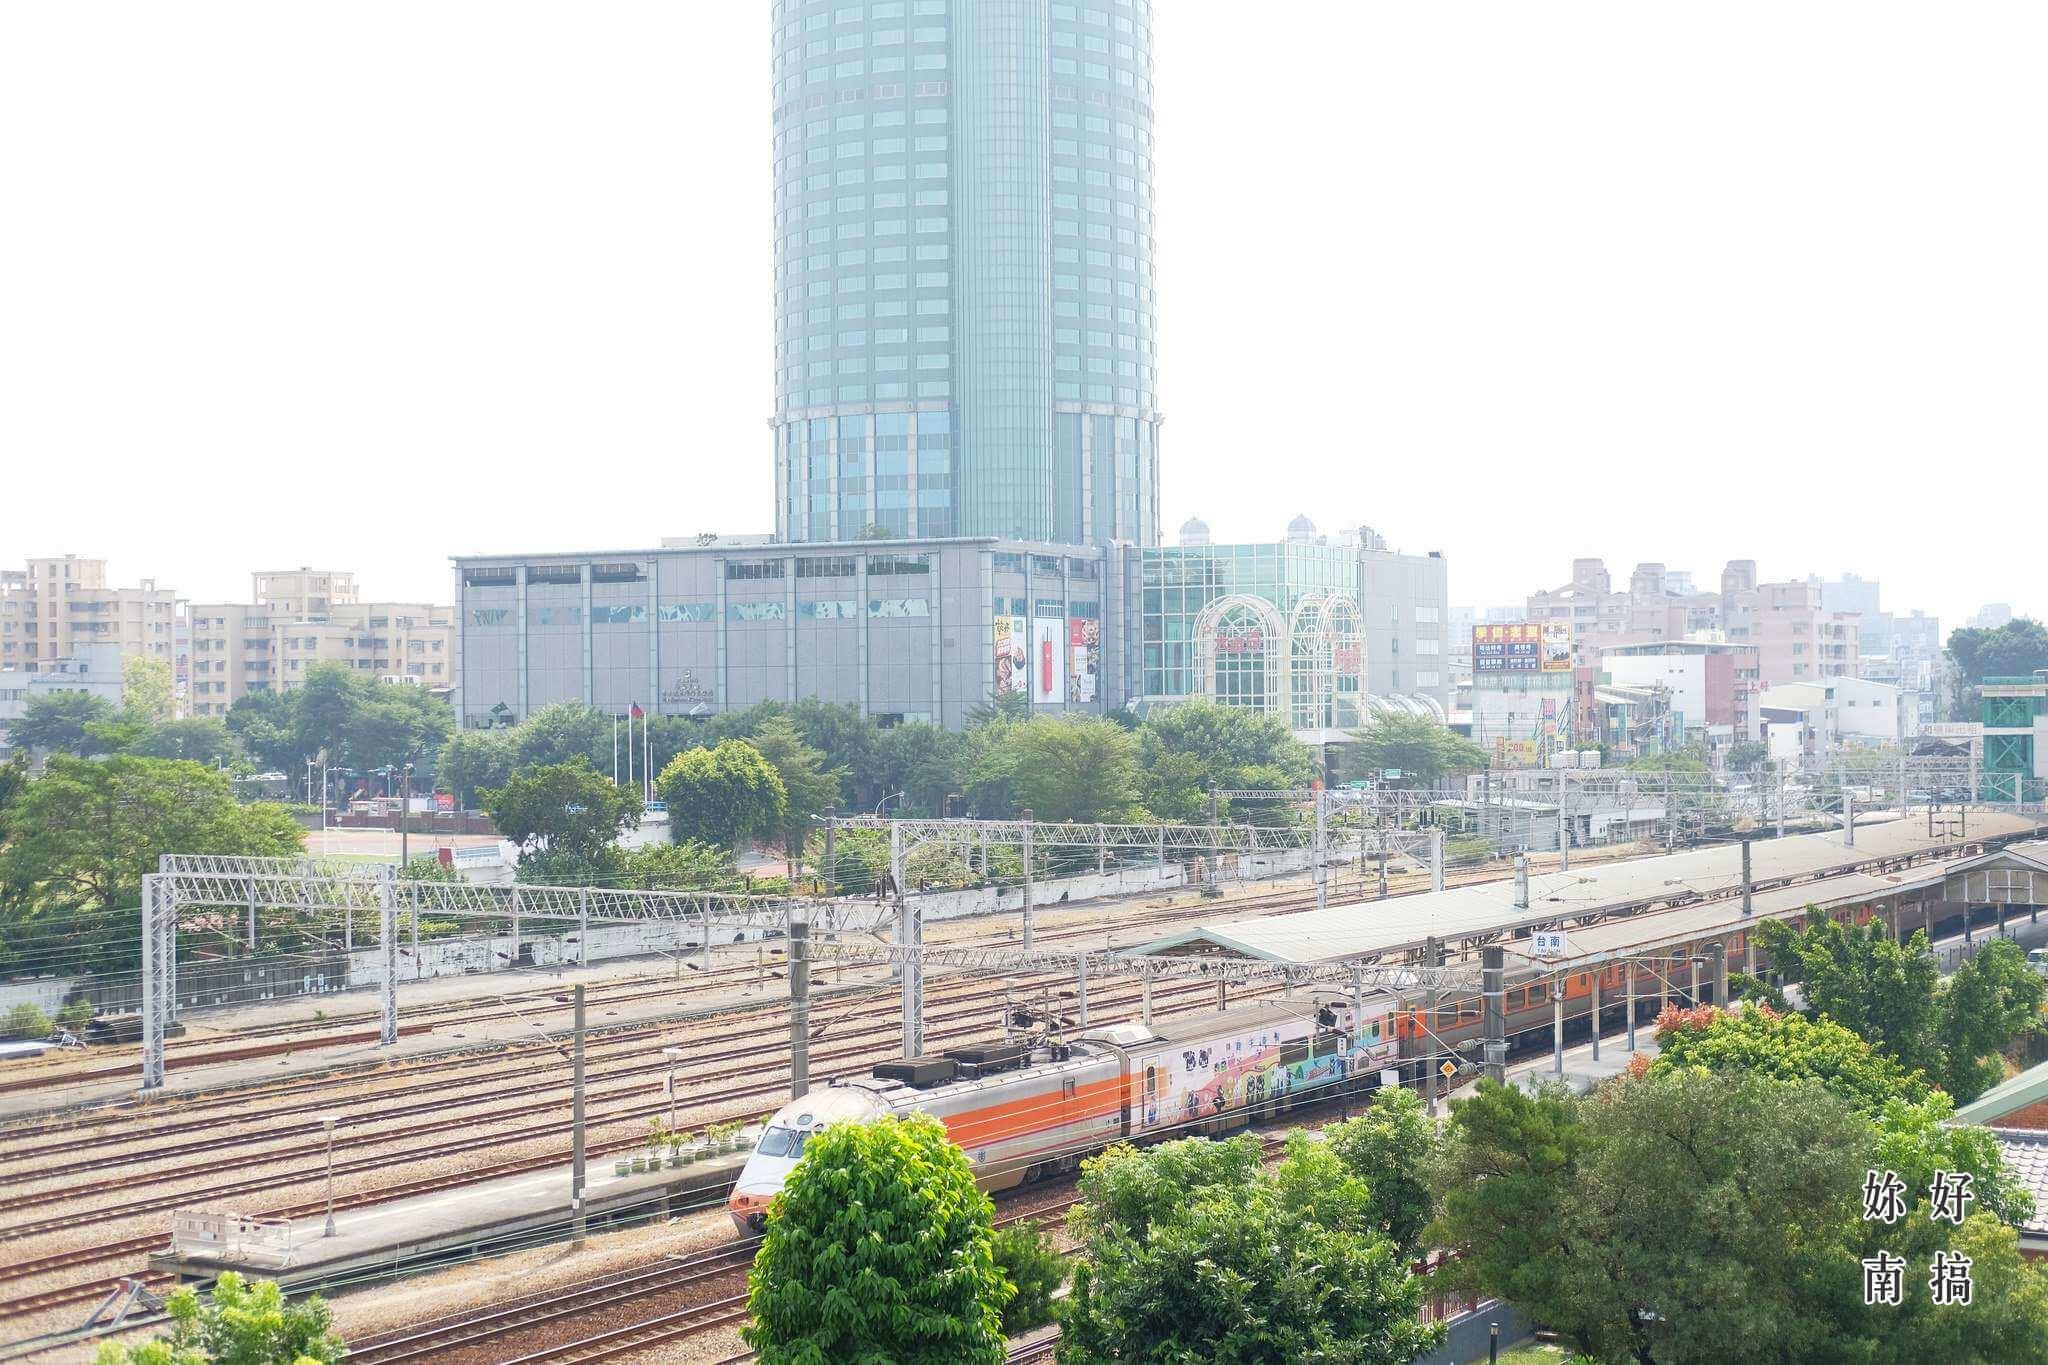 台南火車站附近景點-02-妳好南搞